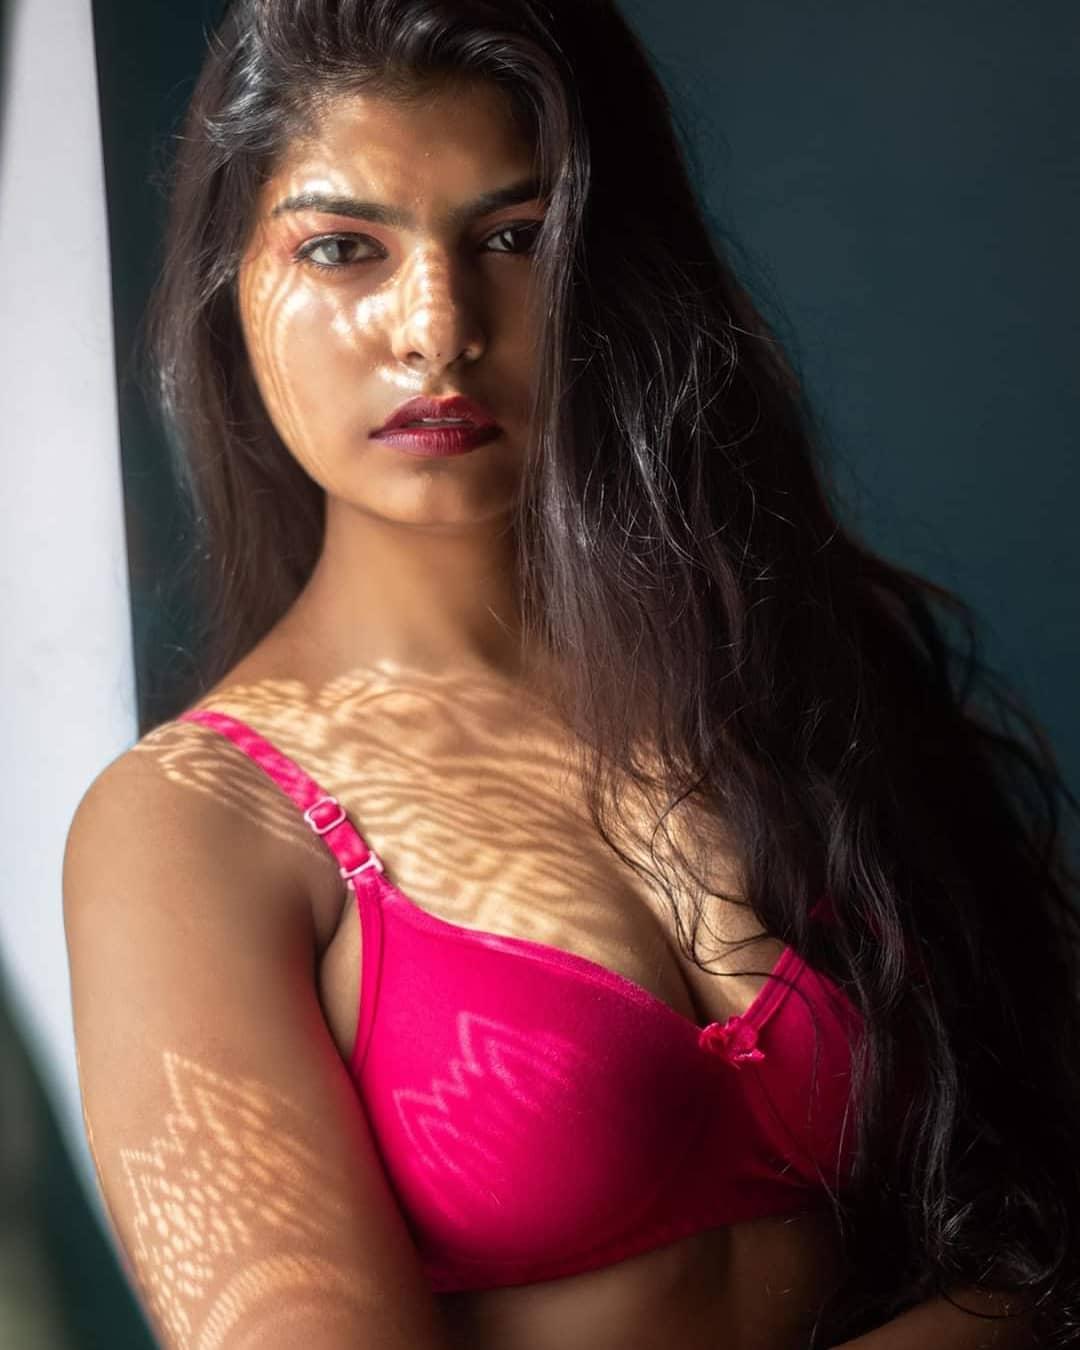 Desi Girl in Bra | Desi Girl Photo